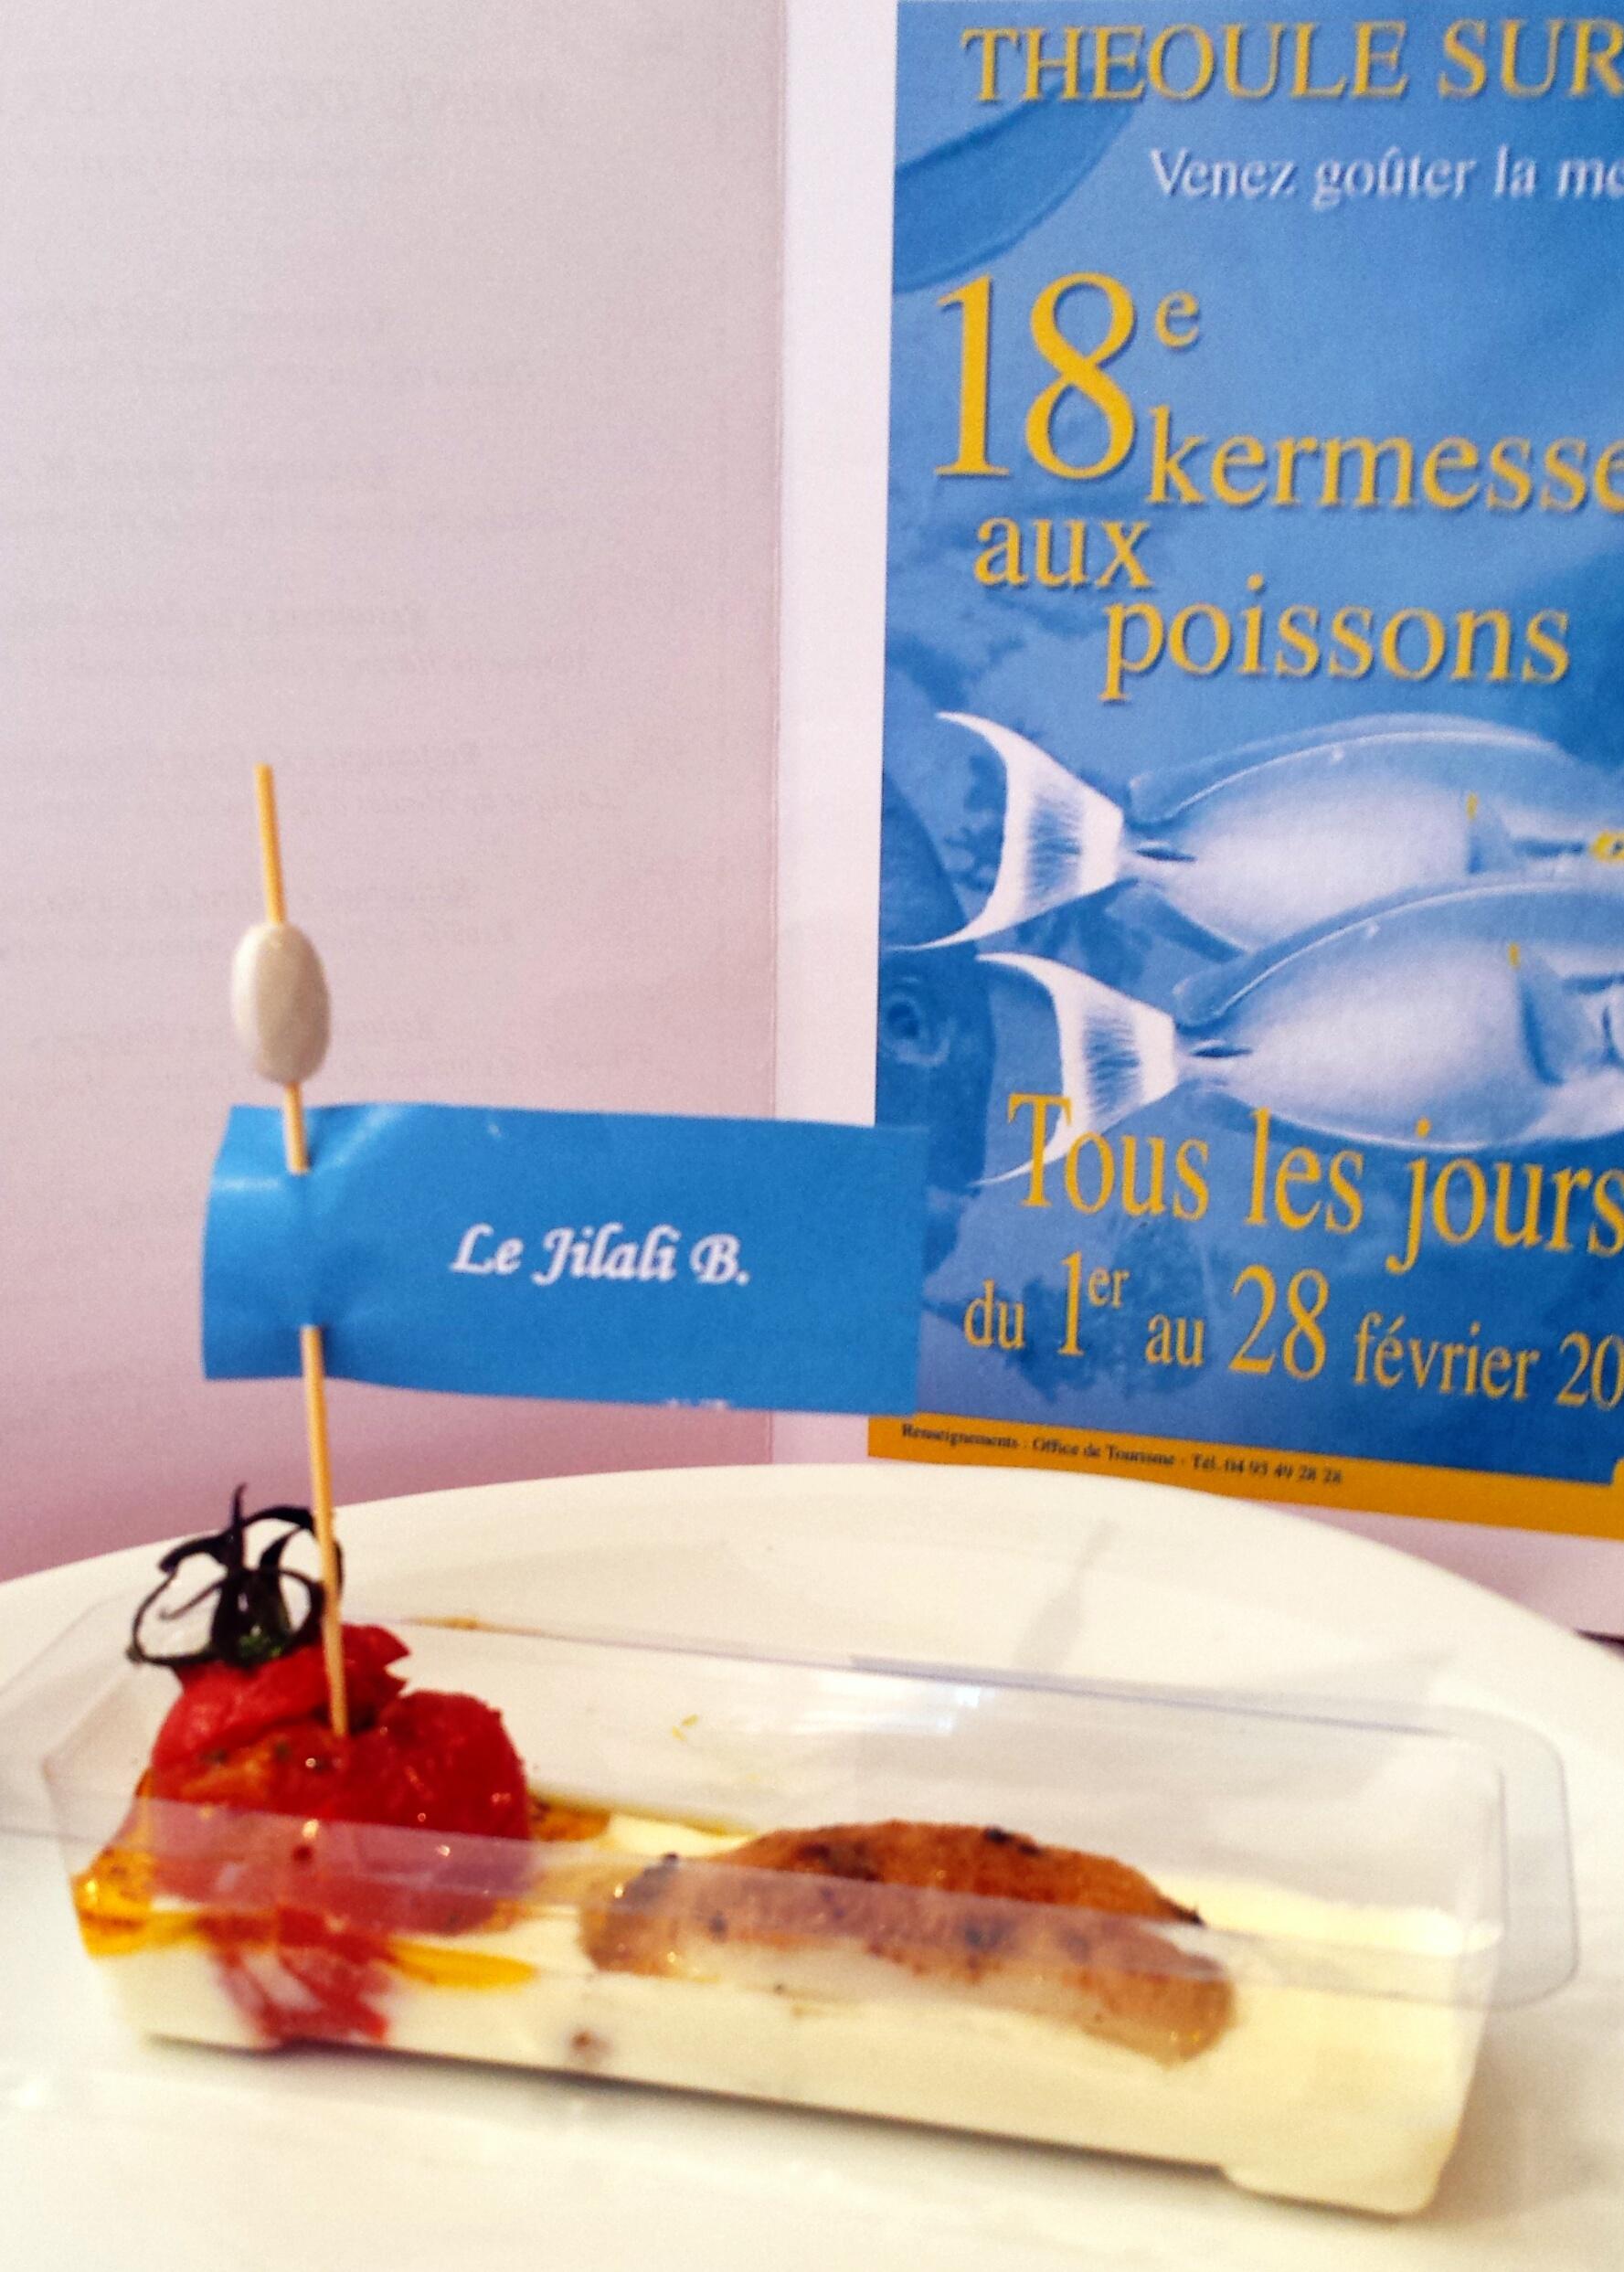 Theoule sur Mer: Jilali B. fête son titre de Maître Restaurateur!